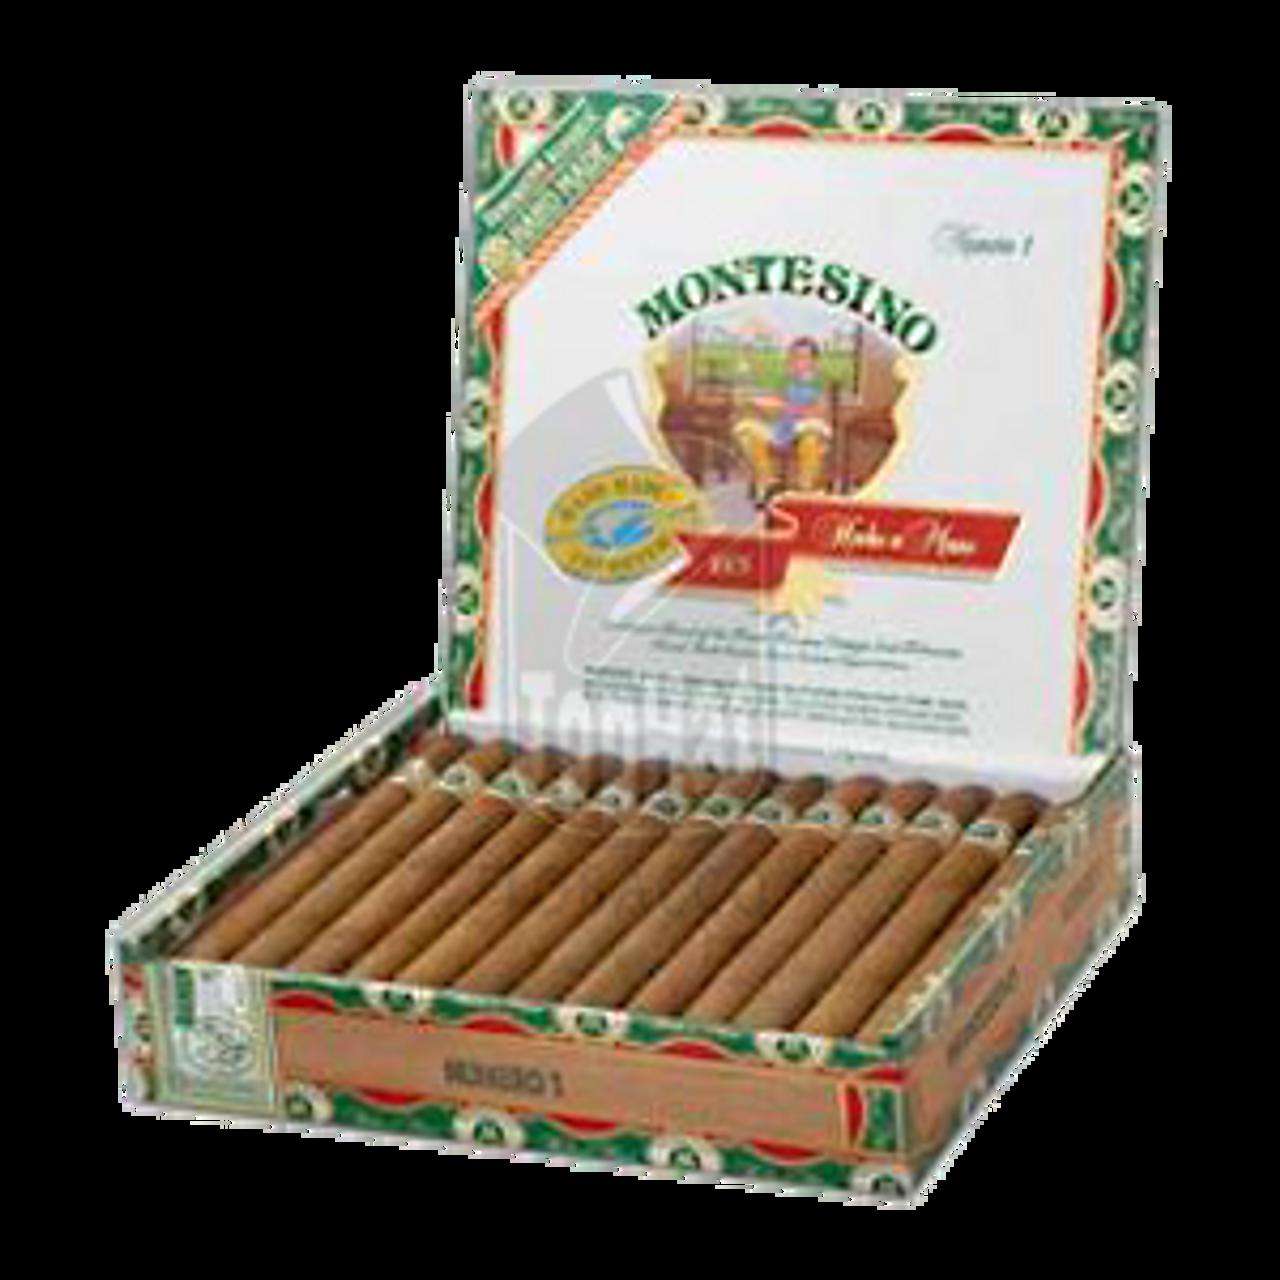 Montesino No. 1 Natural Cigars - 6 7/8 x 43 (Box of 25)